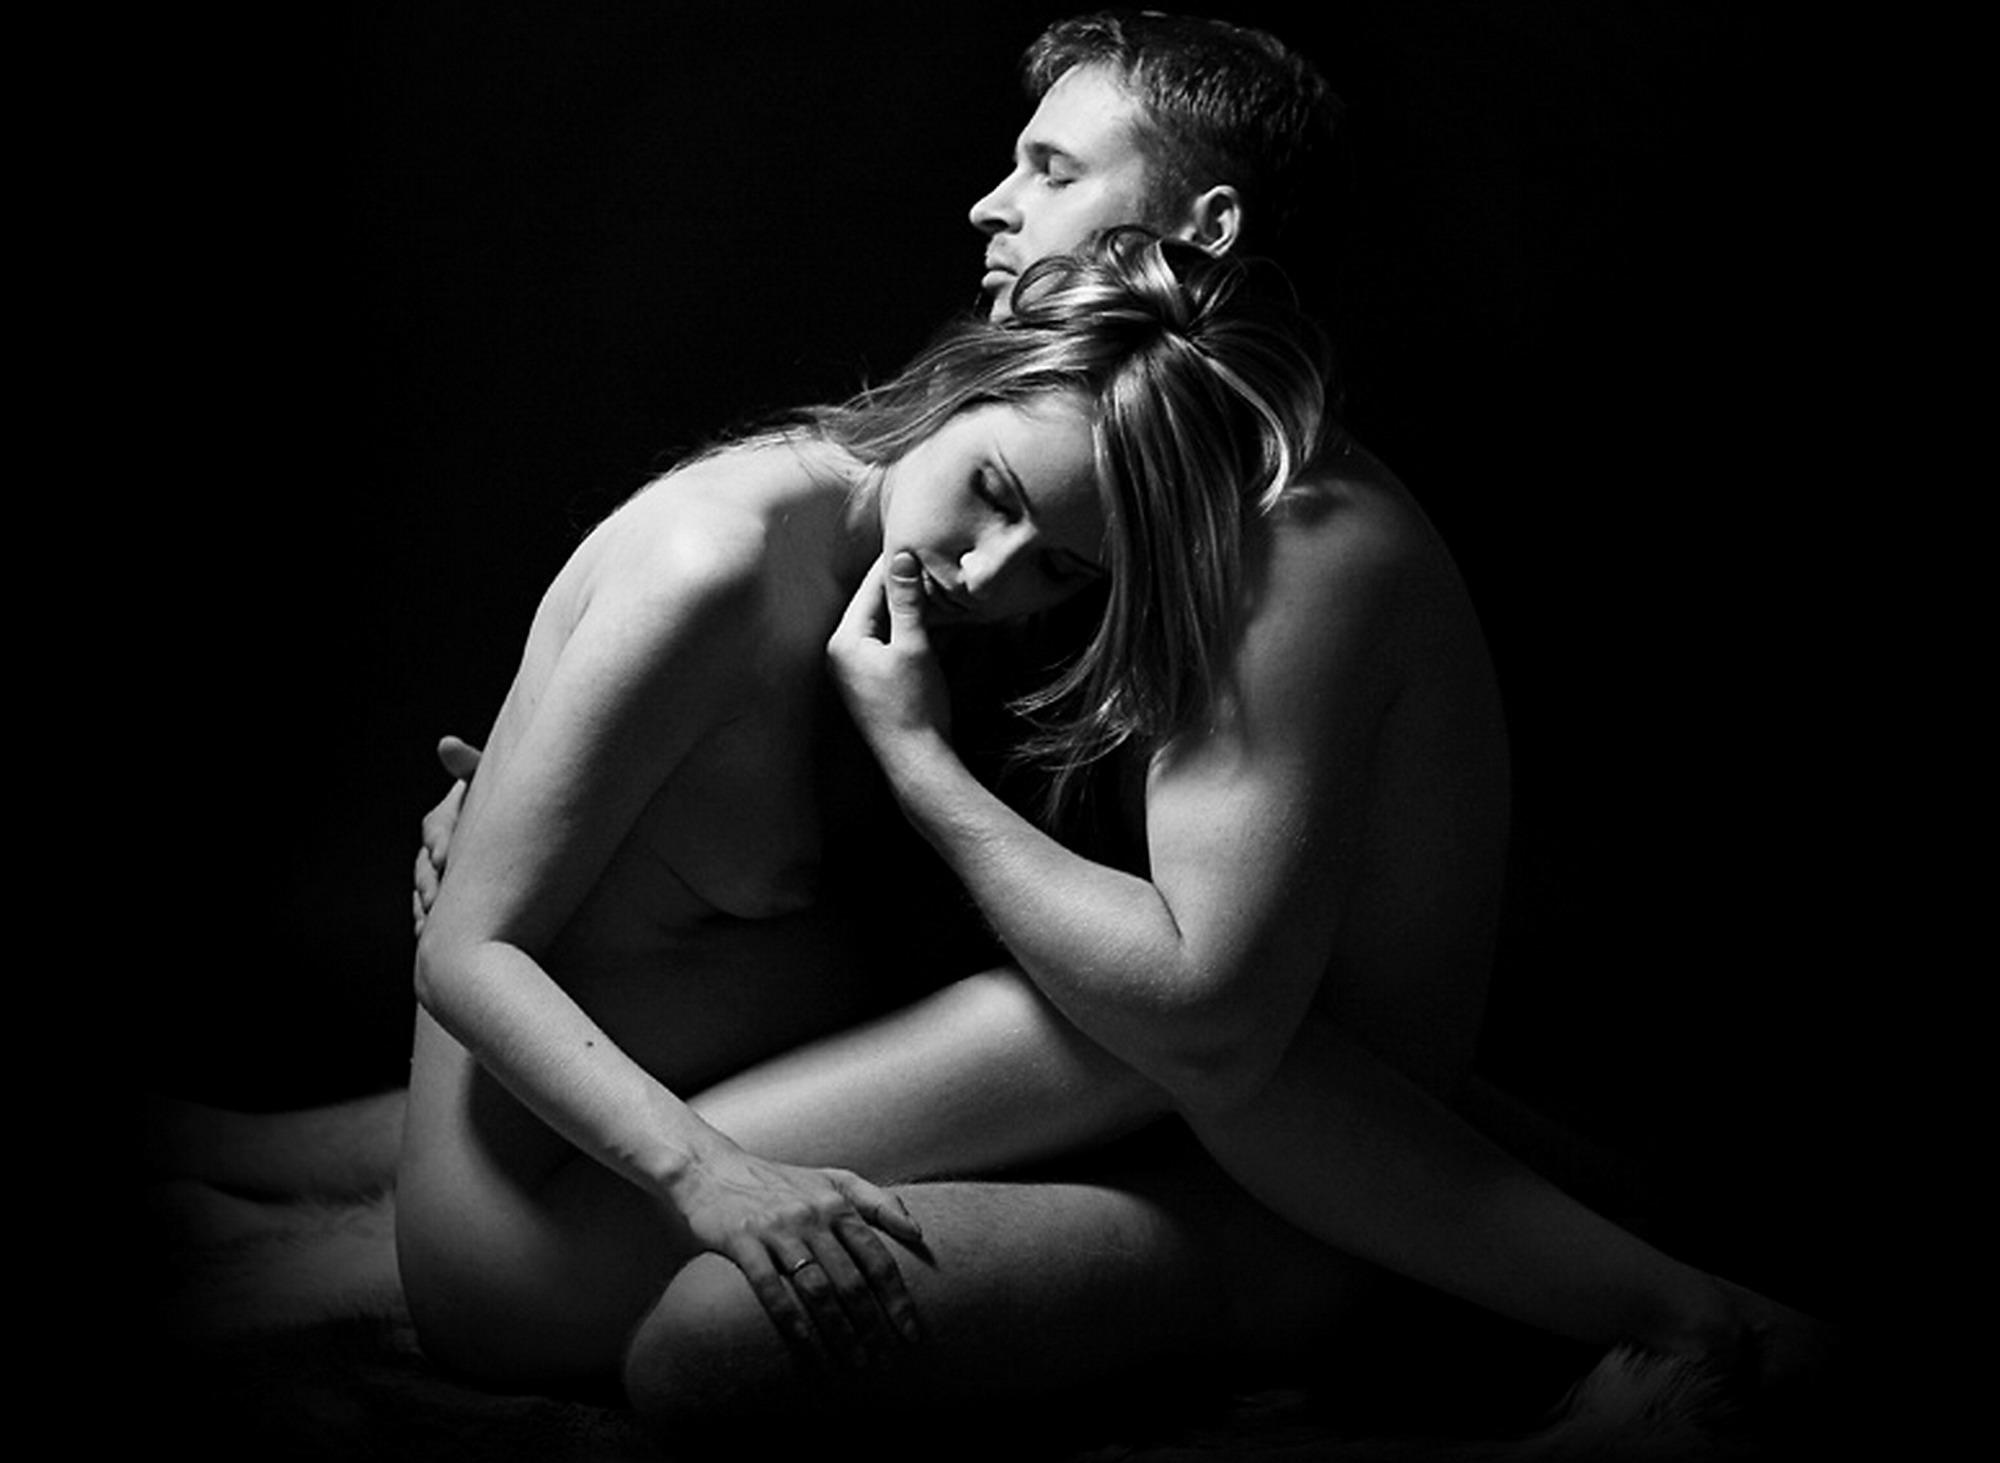 giochi torture sessuali massaggio sexy